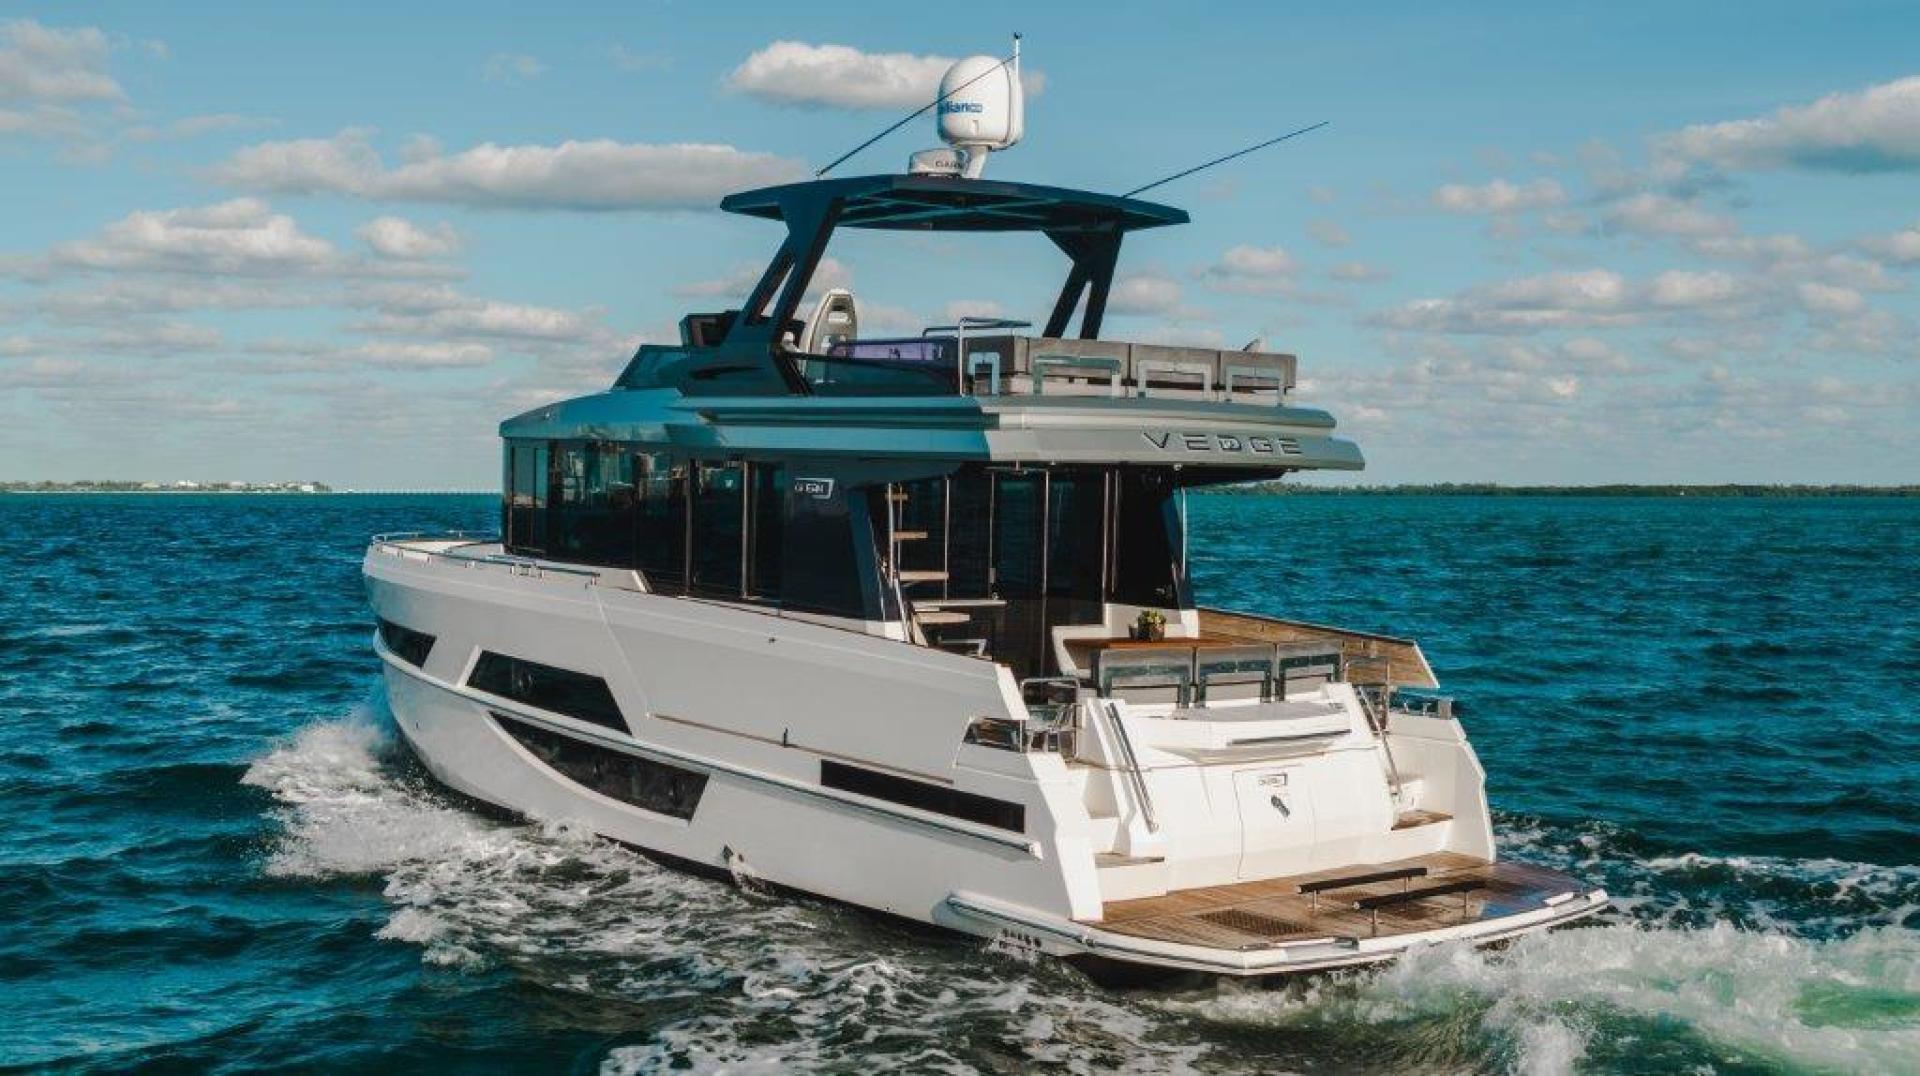 Okean-Flybridge 2019-VEDGE Miami-Florida-United States-VEDGE-1600205 | Thumbnail